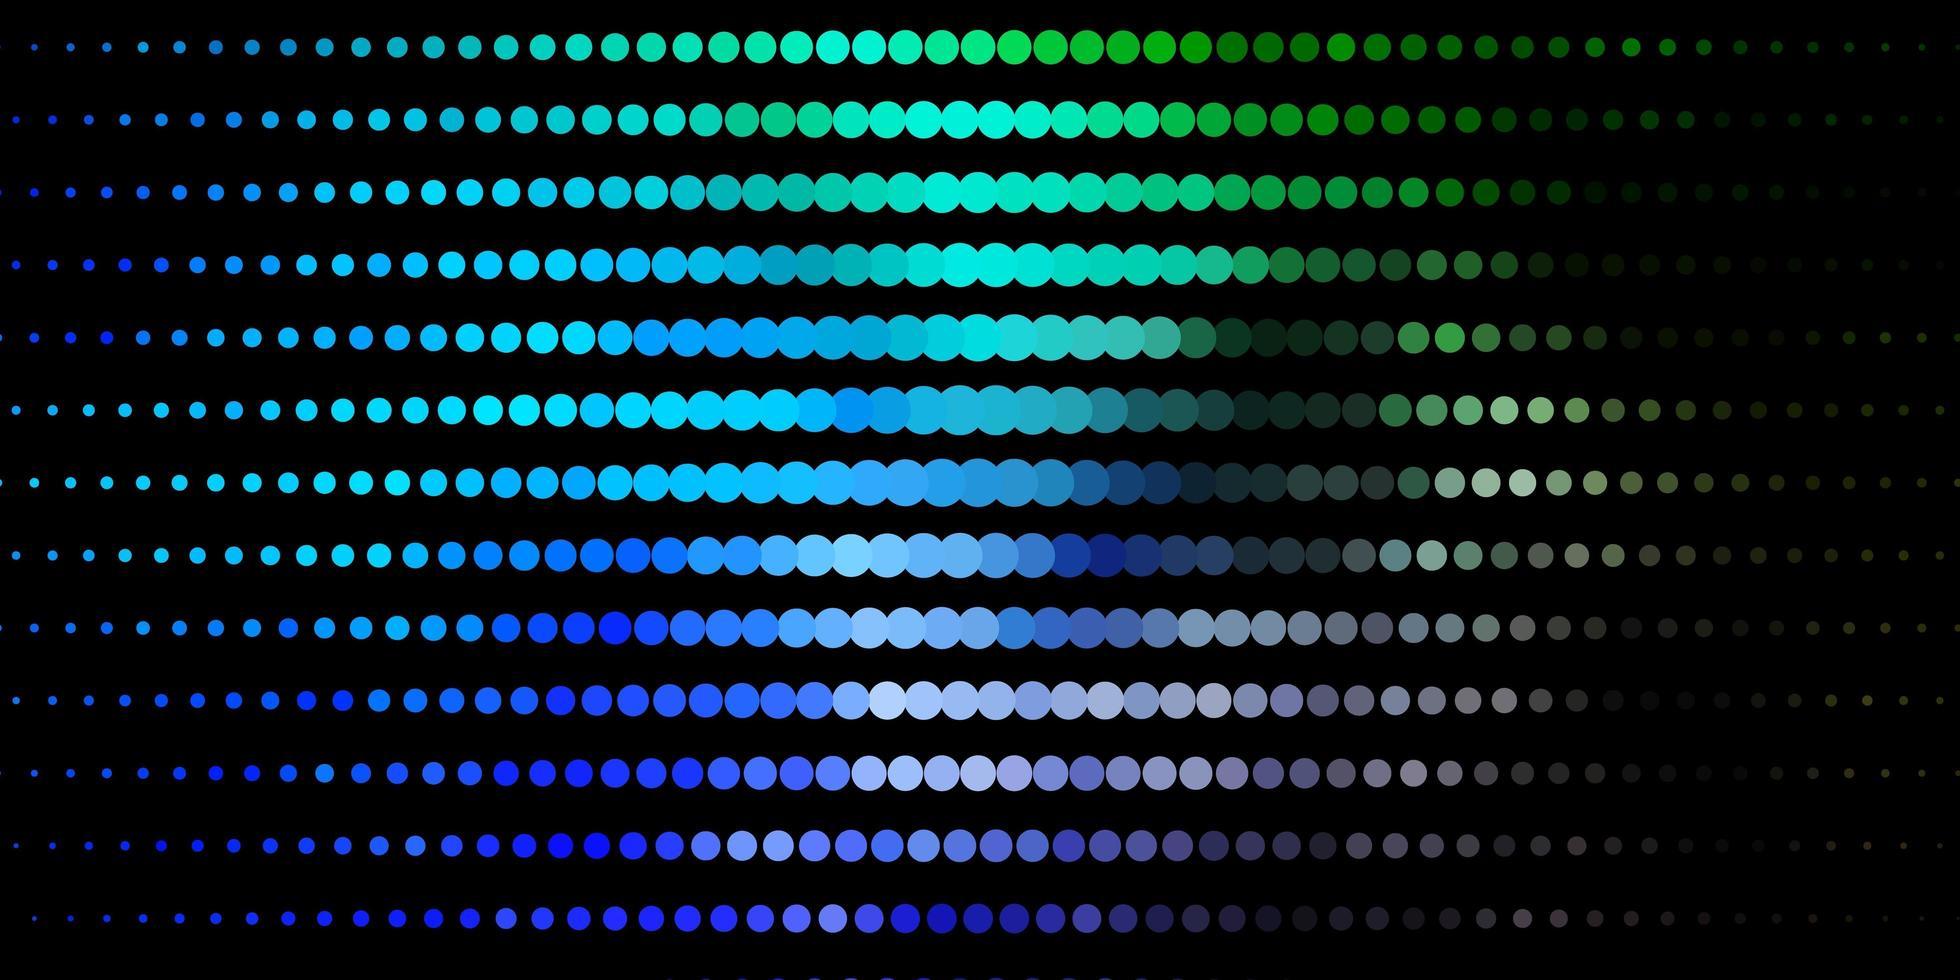 dunkelblaues, grünes Vektorlayout mit Kreisformen. vektor